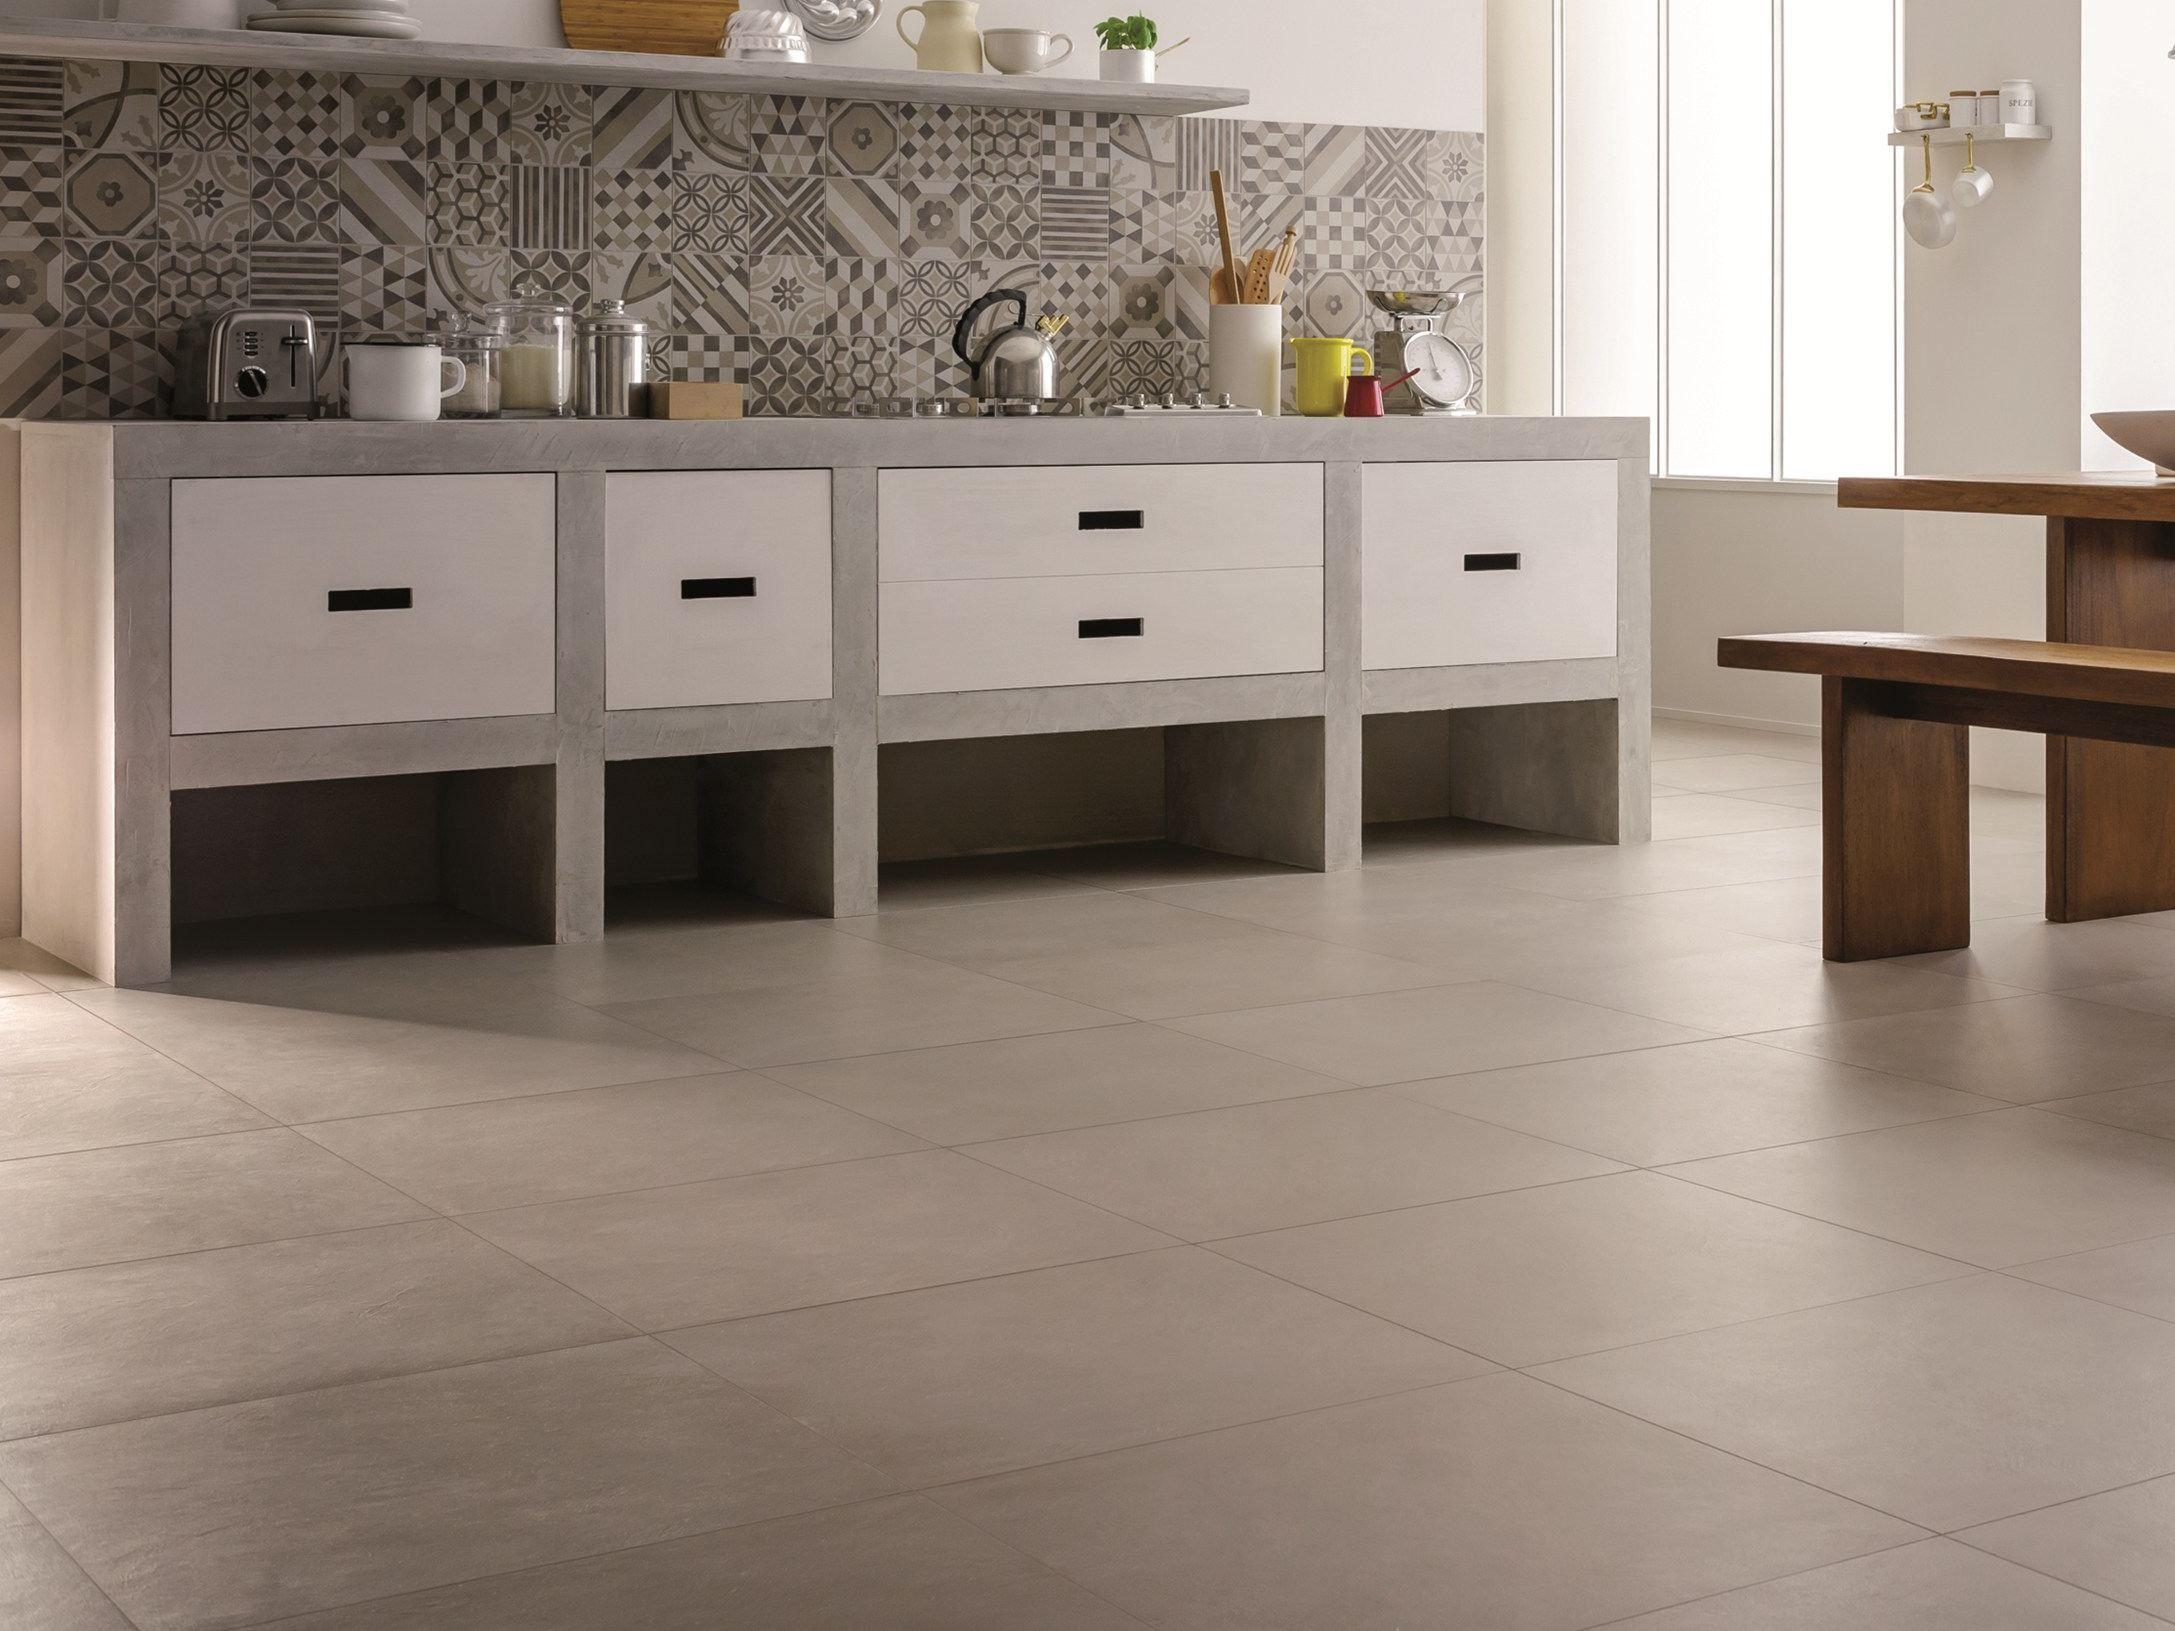 Revestimiento de pared suelo de gres porcel nico block by - Suelo gres porcelanico ...